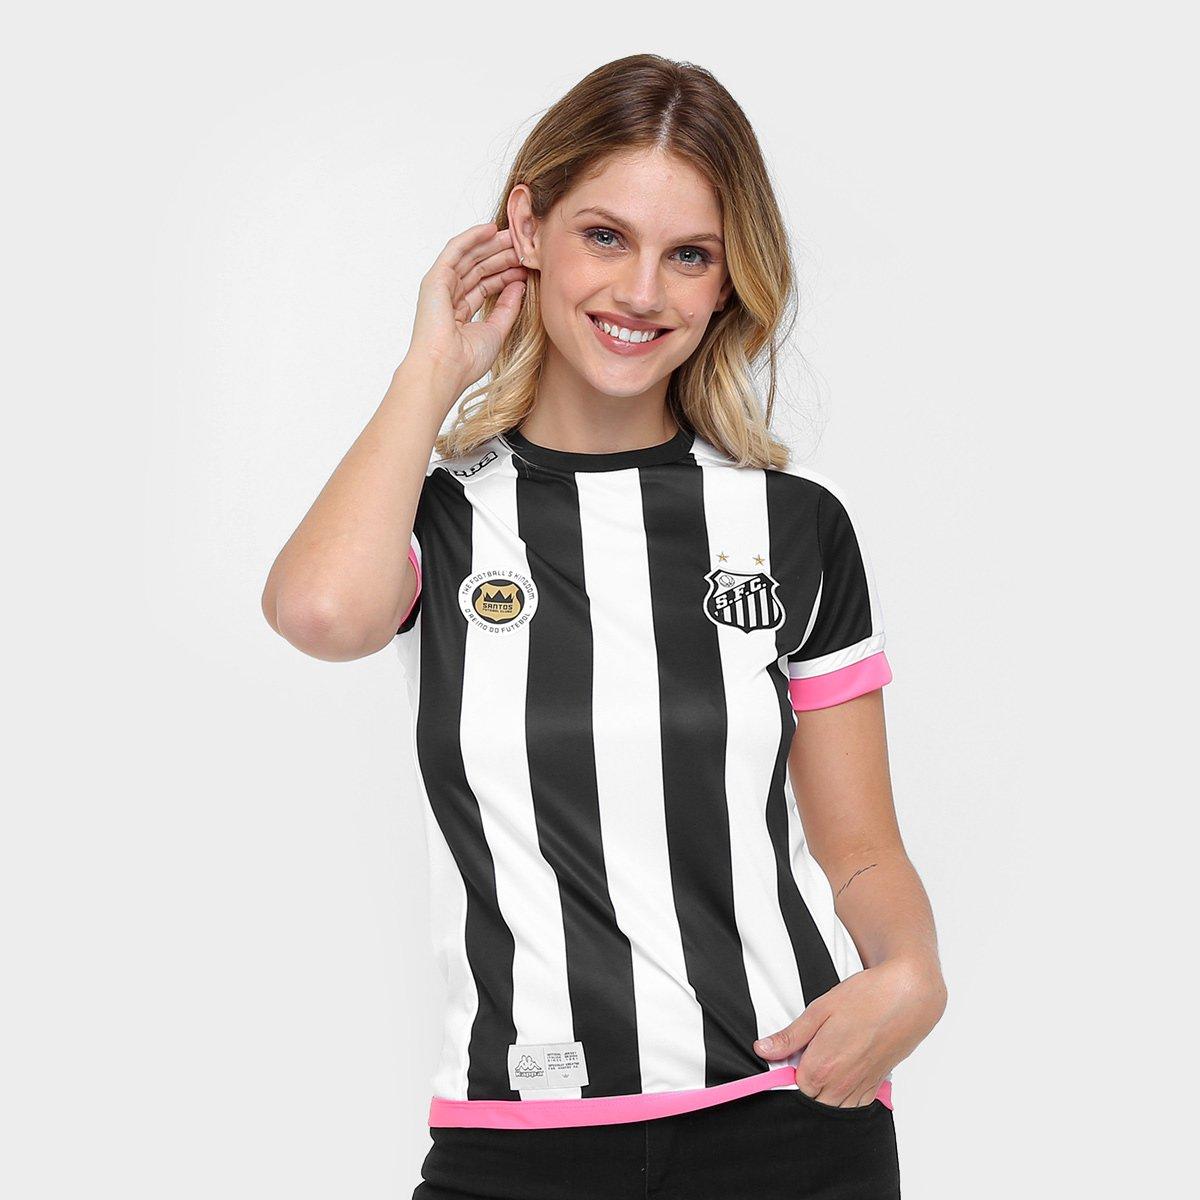 94d1b2aa2e7ea Camisa Santos II 17 18 s nº Réplica - Torcedor Kappa Feminina - Compre  Agora